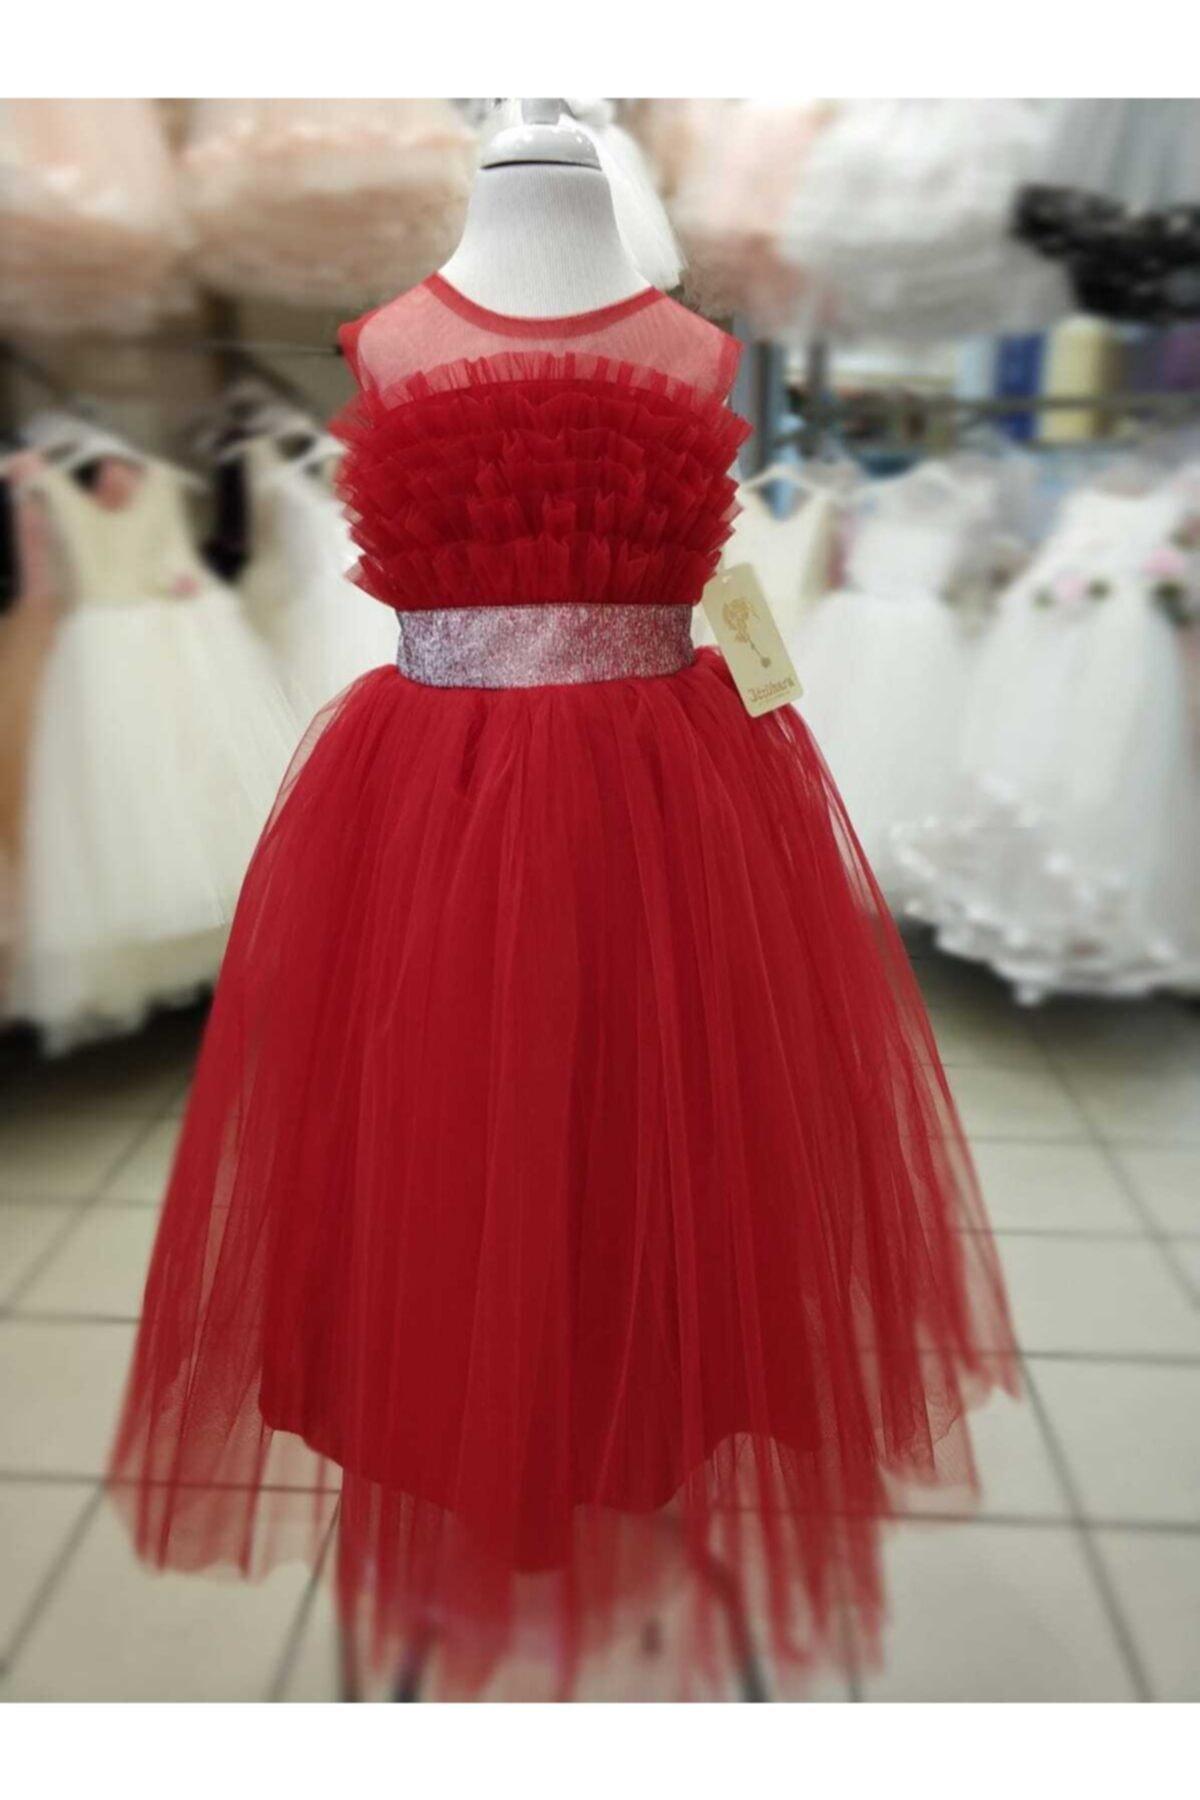 سفارش انلاین لباس مجلسی دخترانه ساده برند Pikolet-ta رنگ قرمز ty76734426